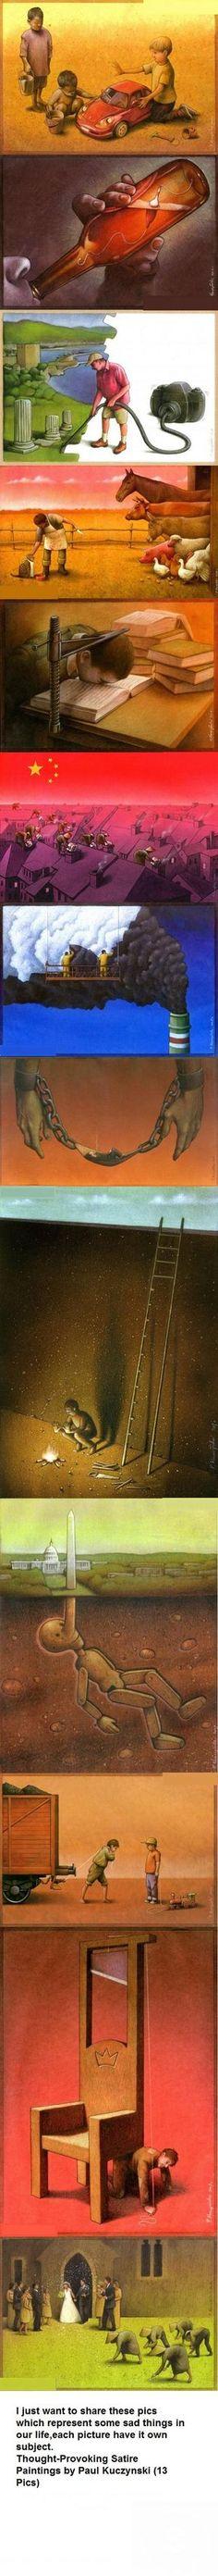 Thought-provoking art by Paul Kuczynski